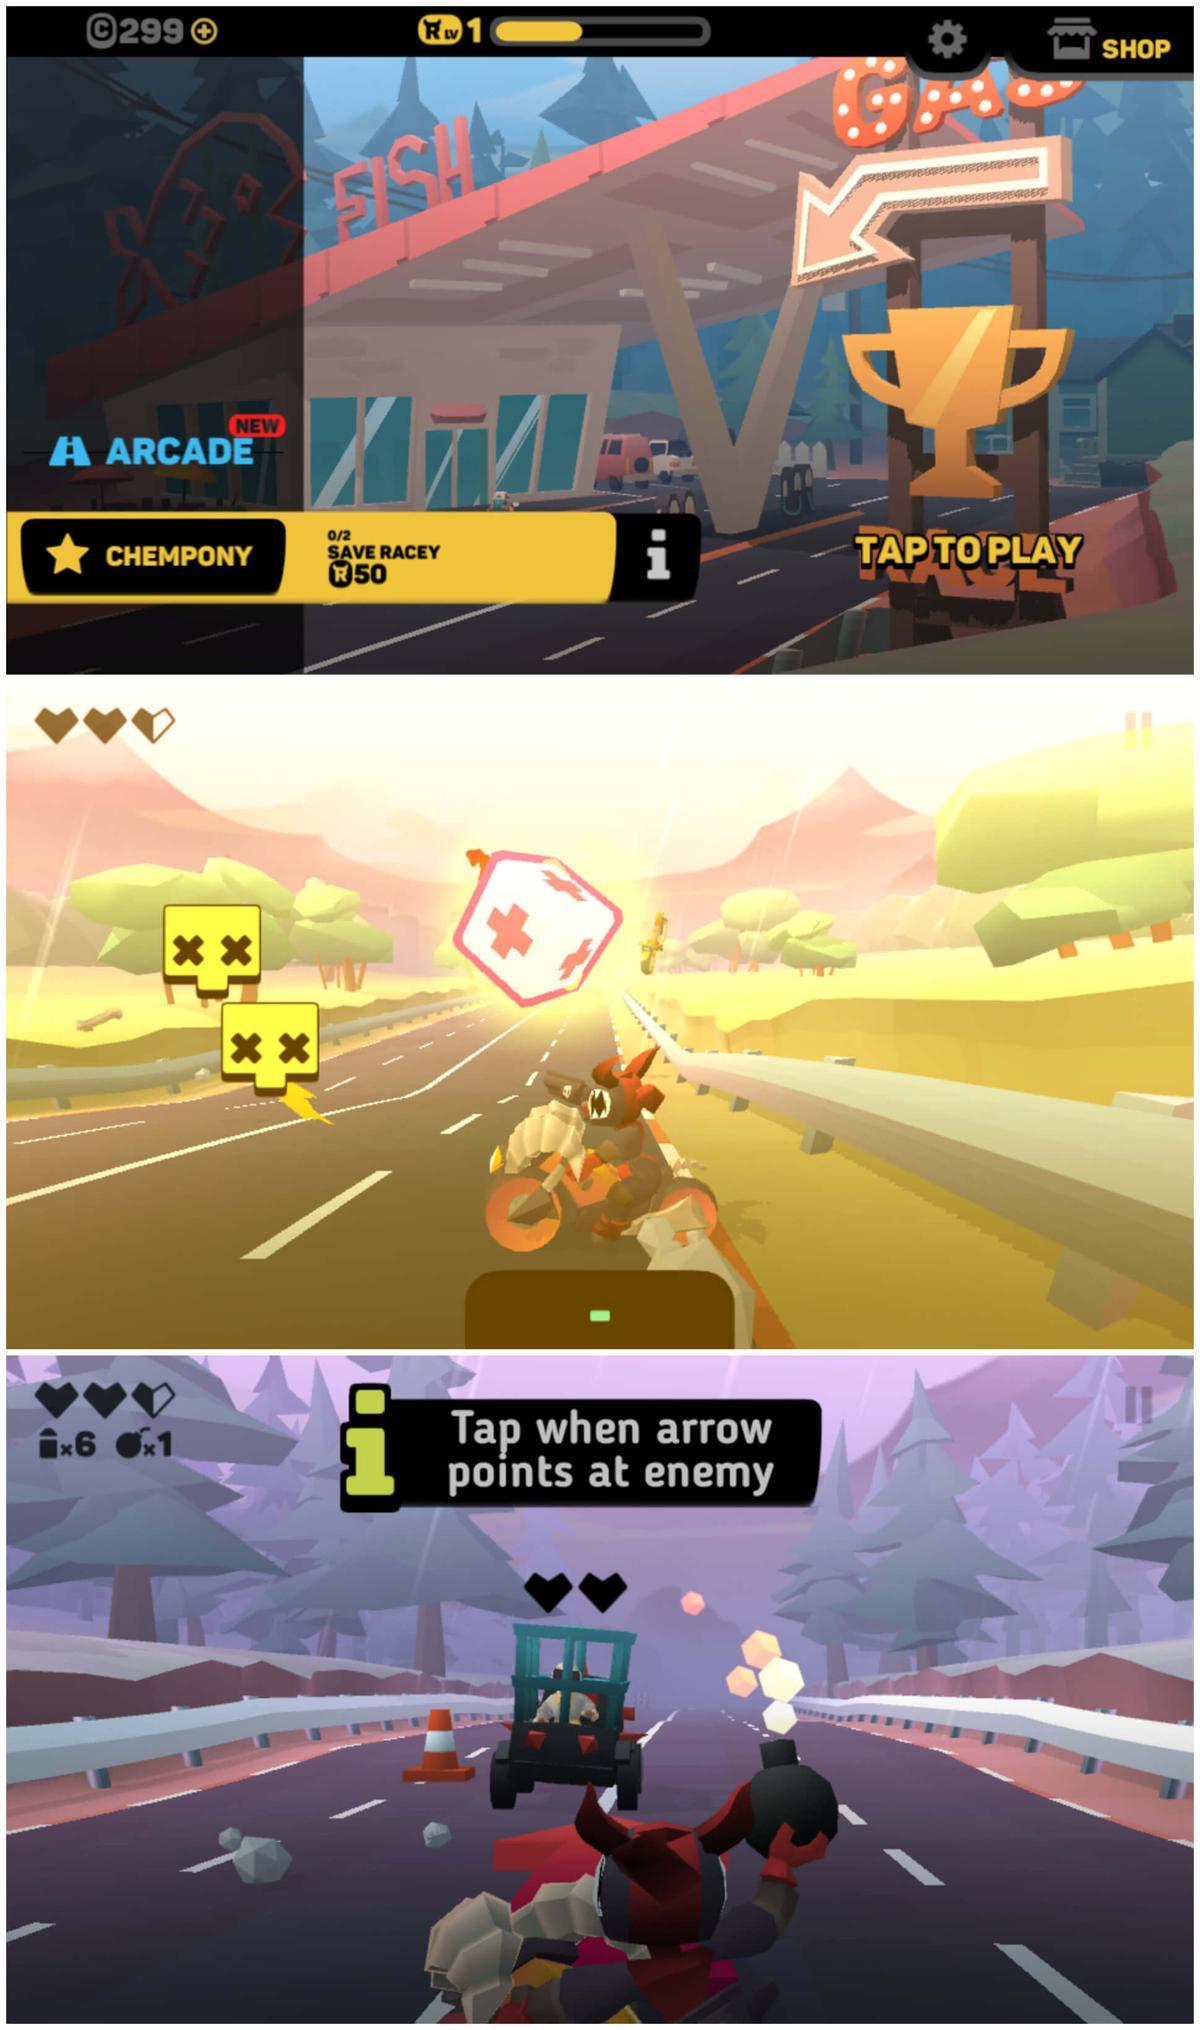 闯关射击游戏 地狱骑士3,闯关射击游戏 地狱骑士3  第1张,第1张